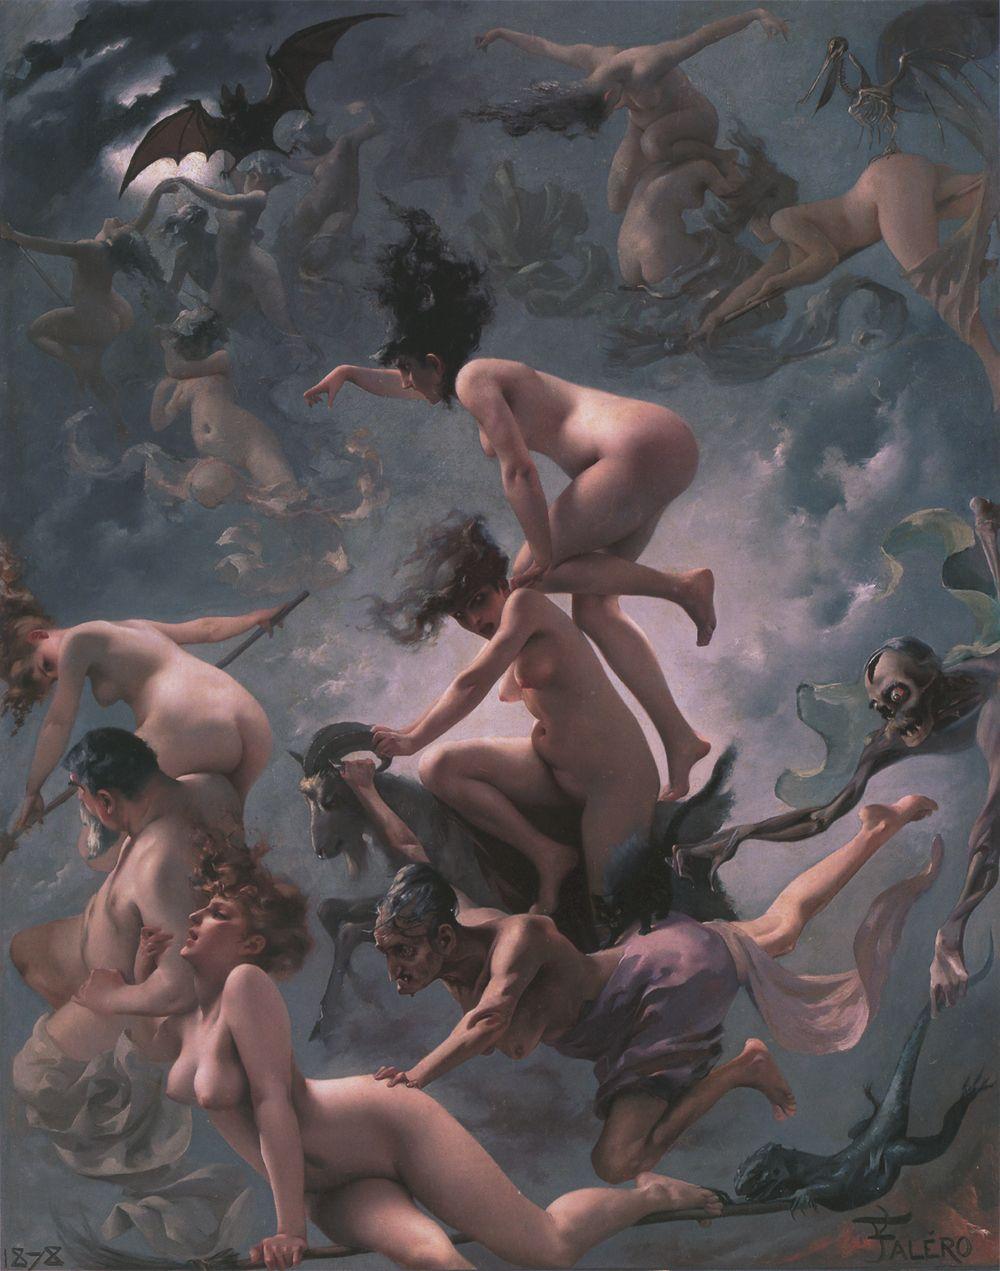 Obras de Luis Ricardo Falero (1851-1896)